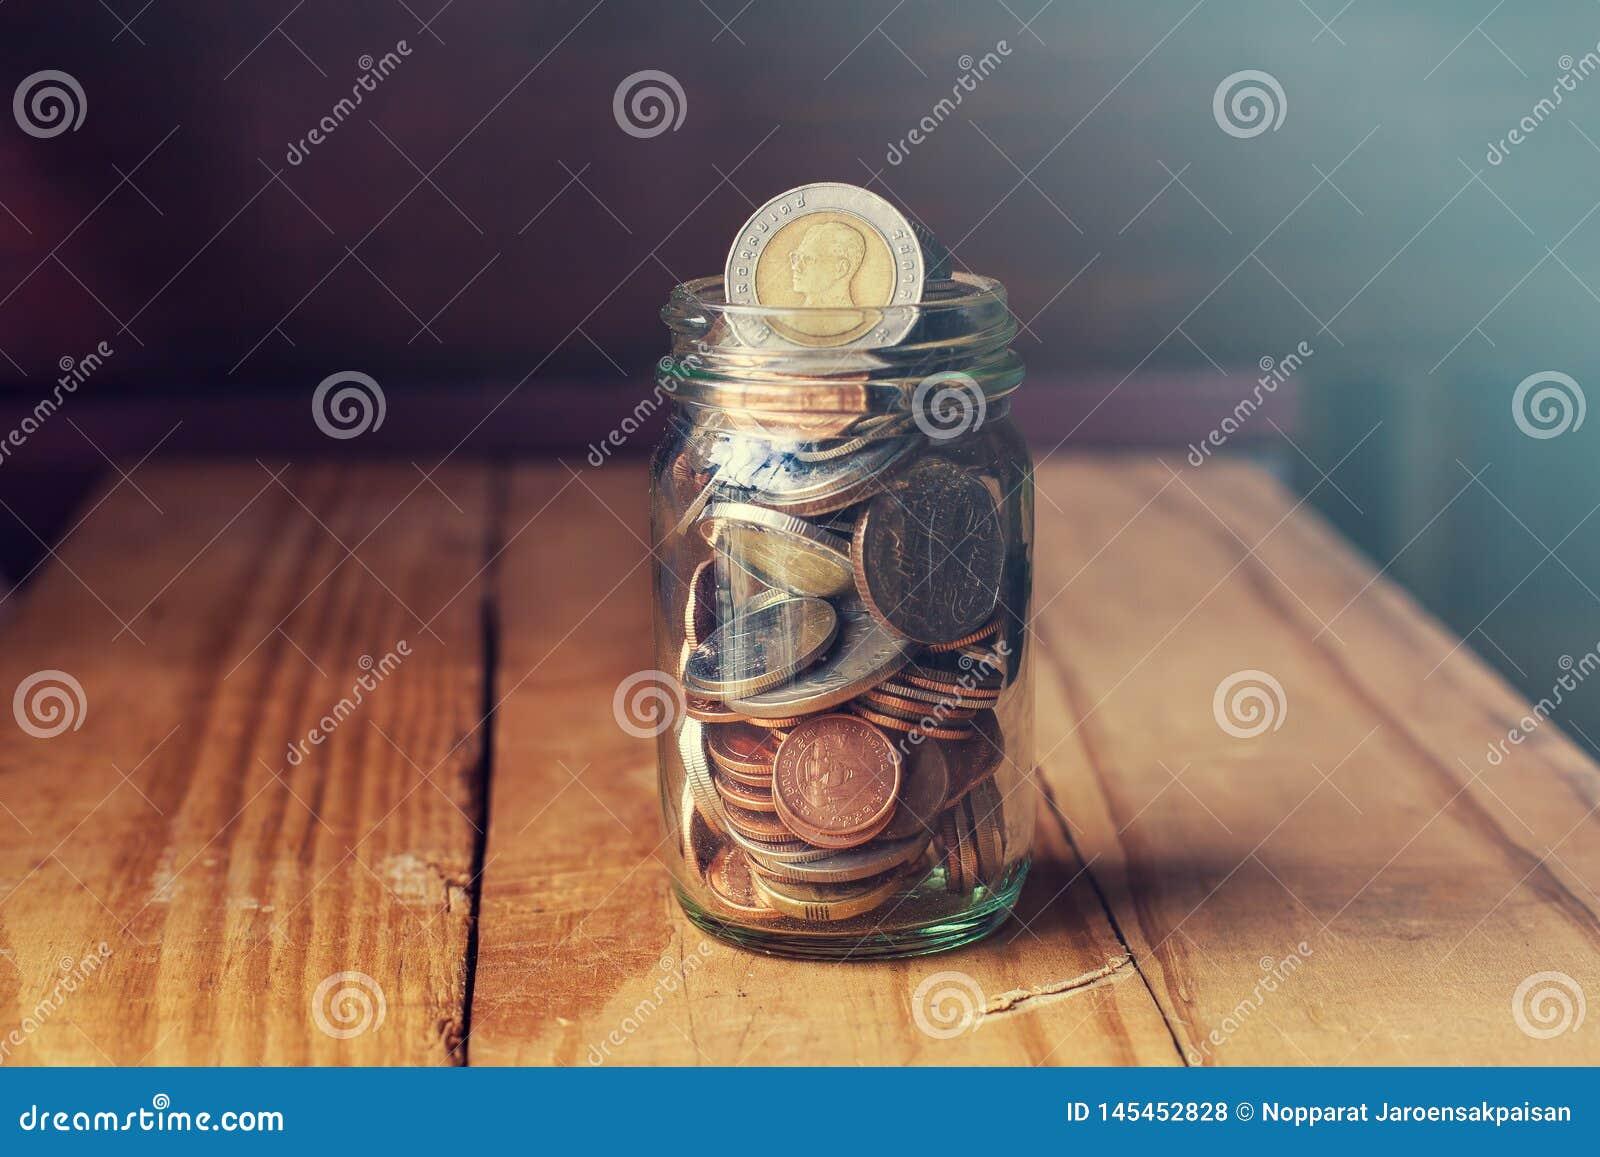 Monete in barattolo di vetro sulla tavola di legno, concetto di risparmio dei soldi